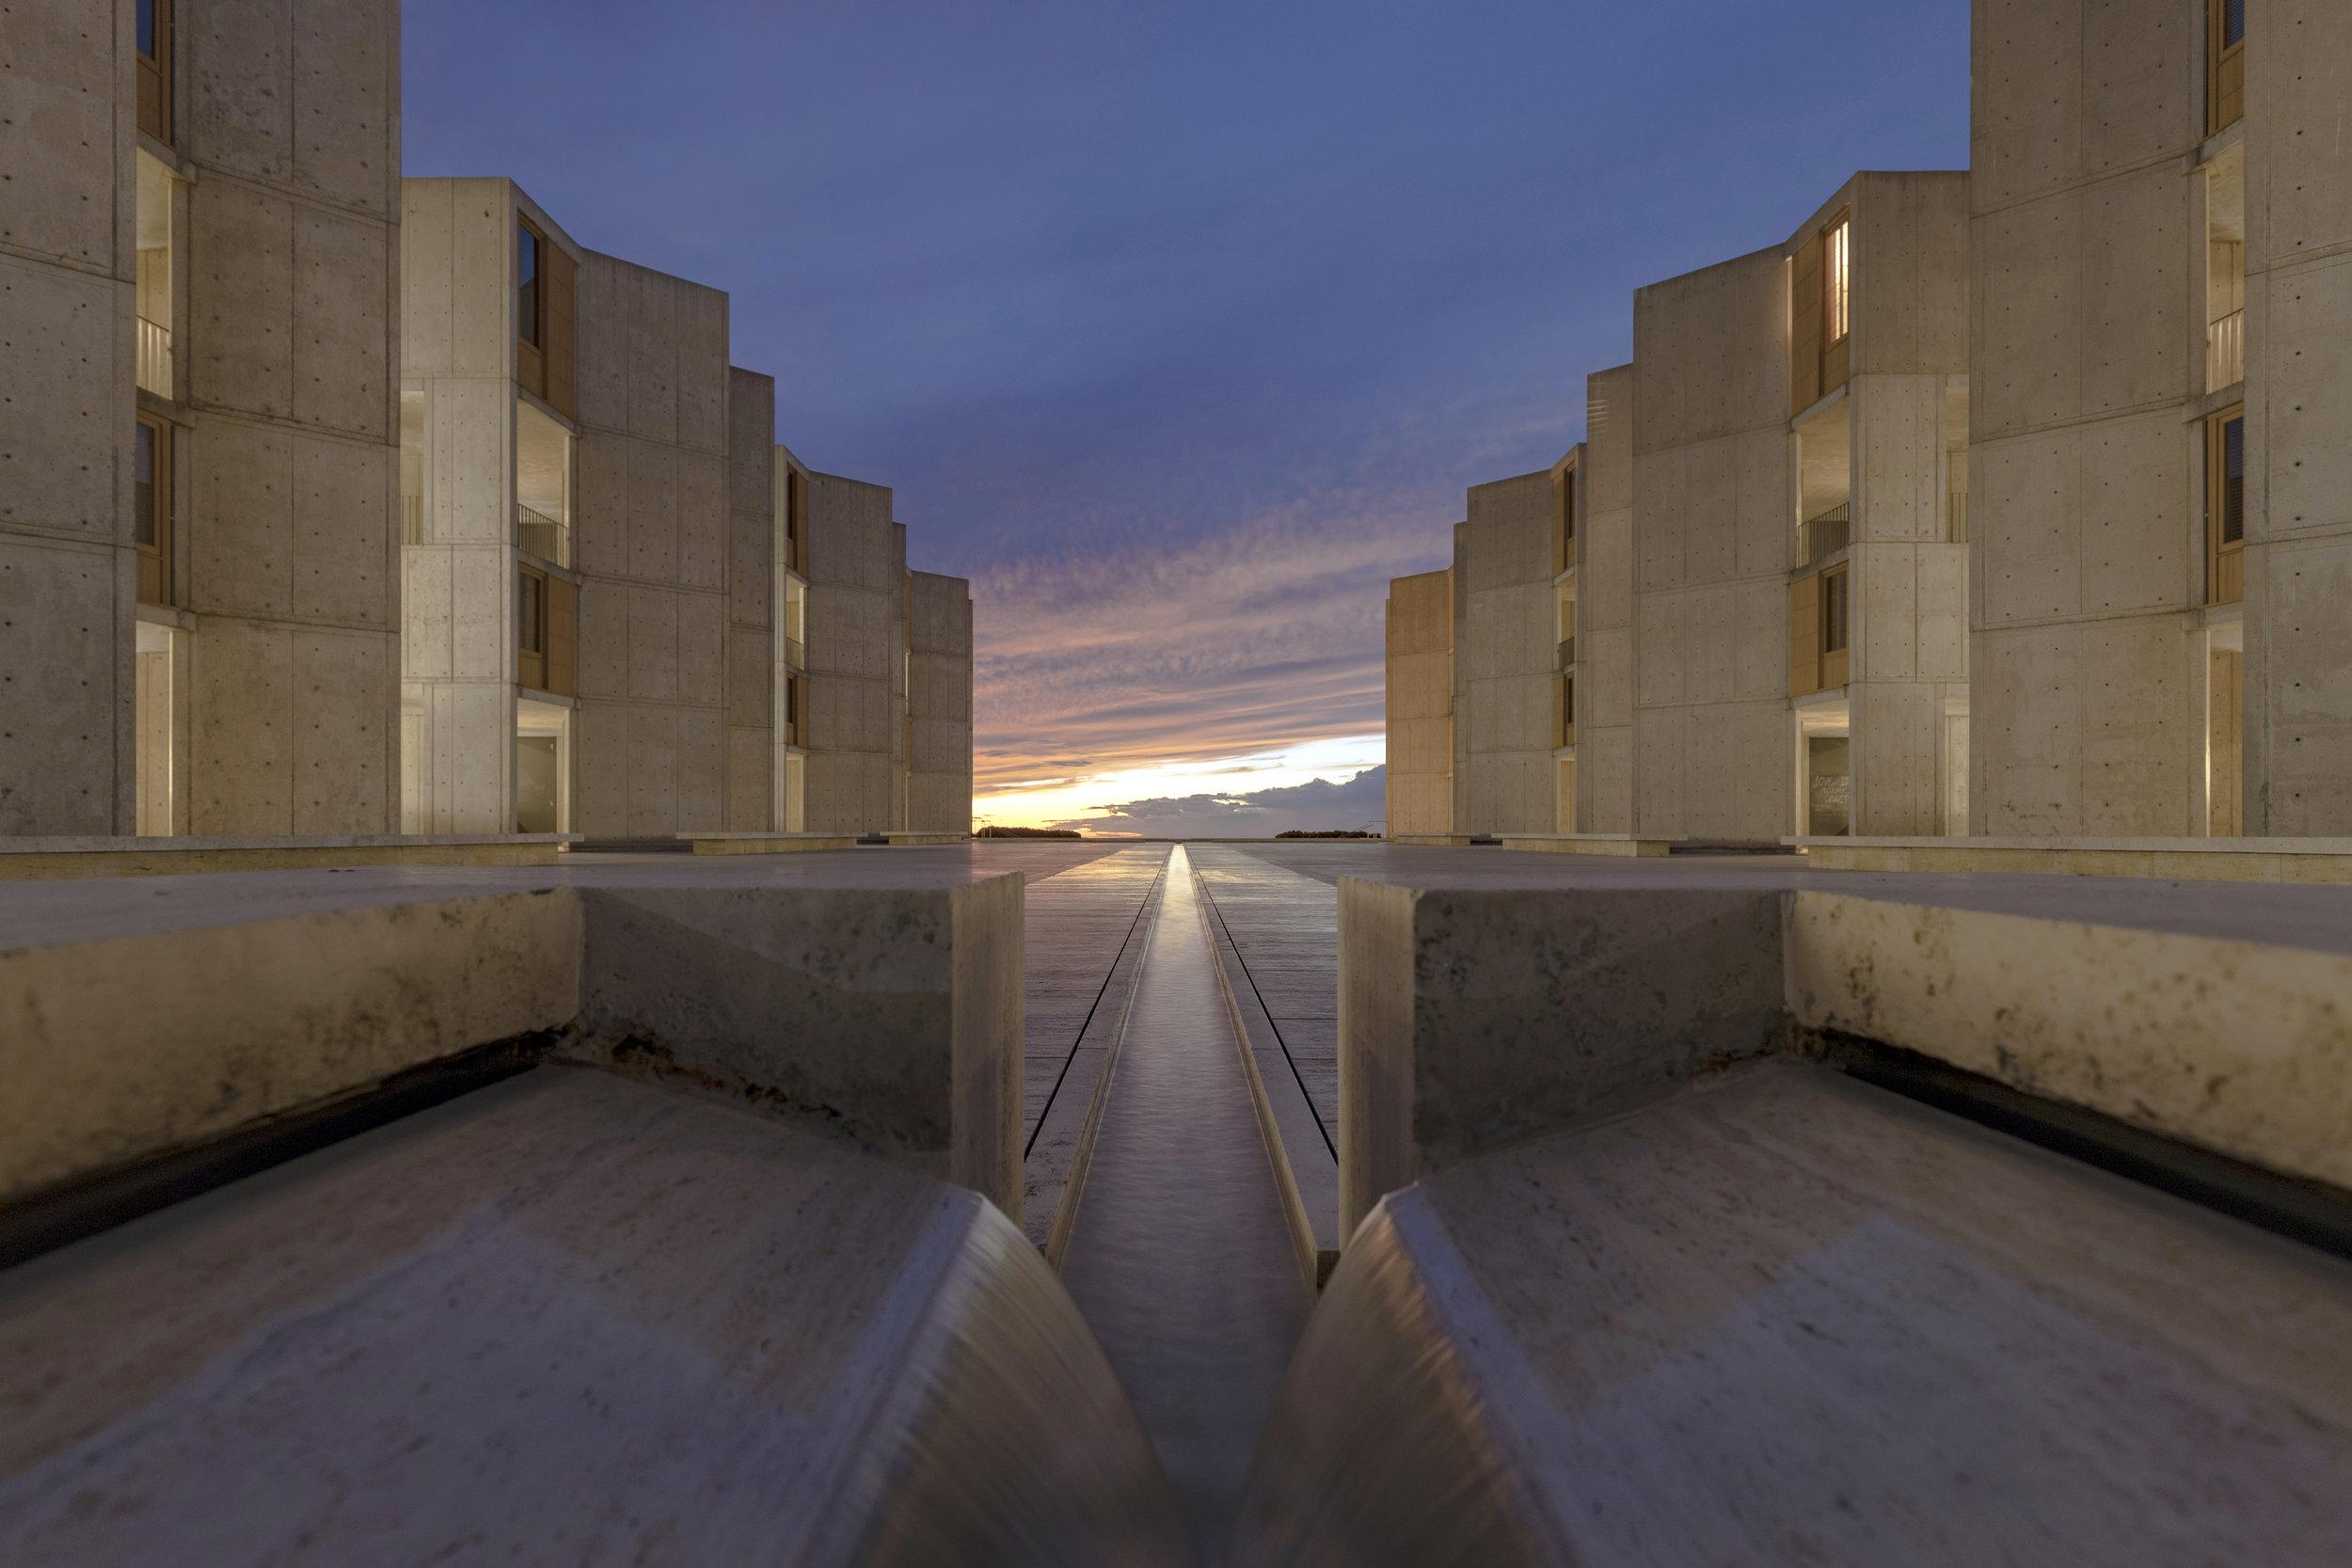 @rob.shearer_photography - Salk Institute, CA